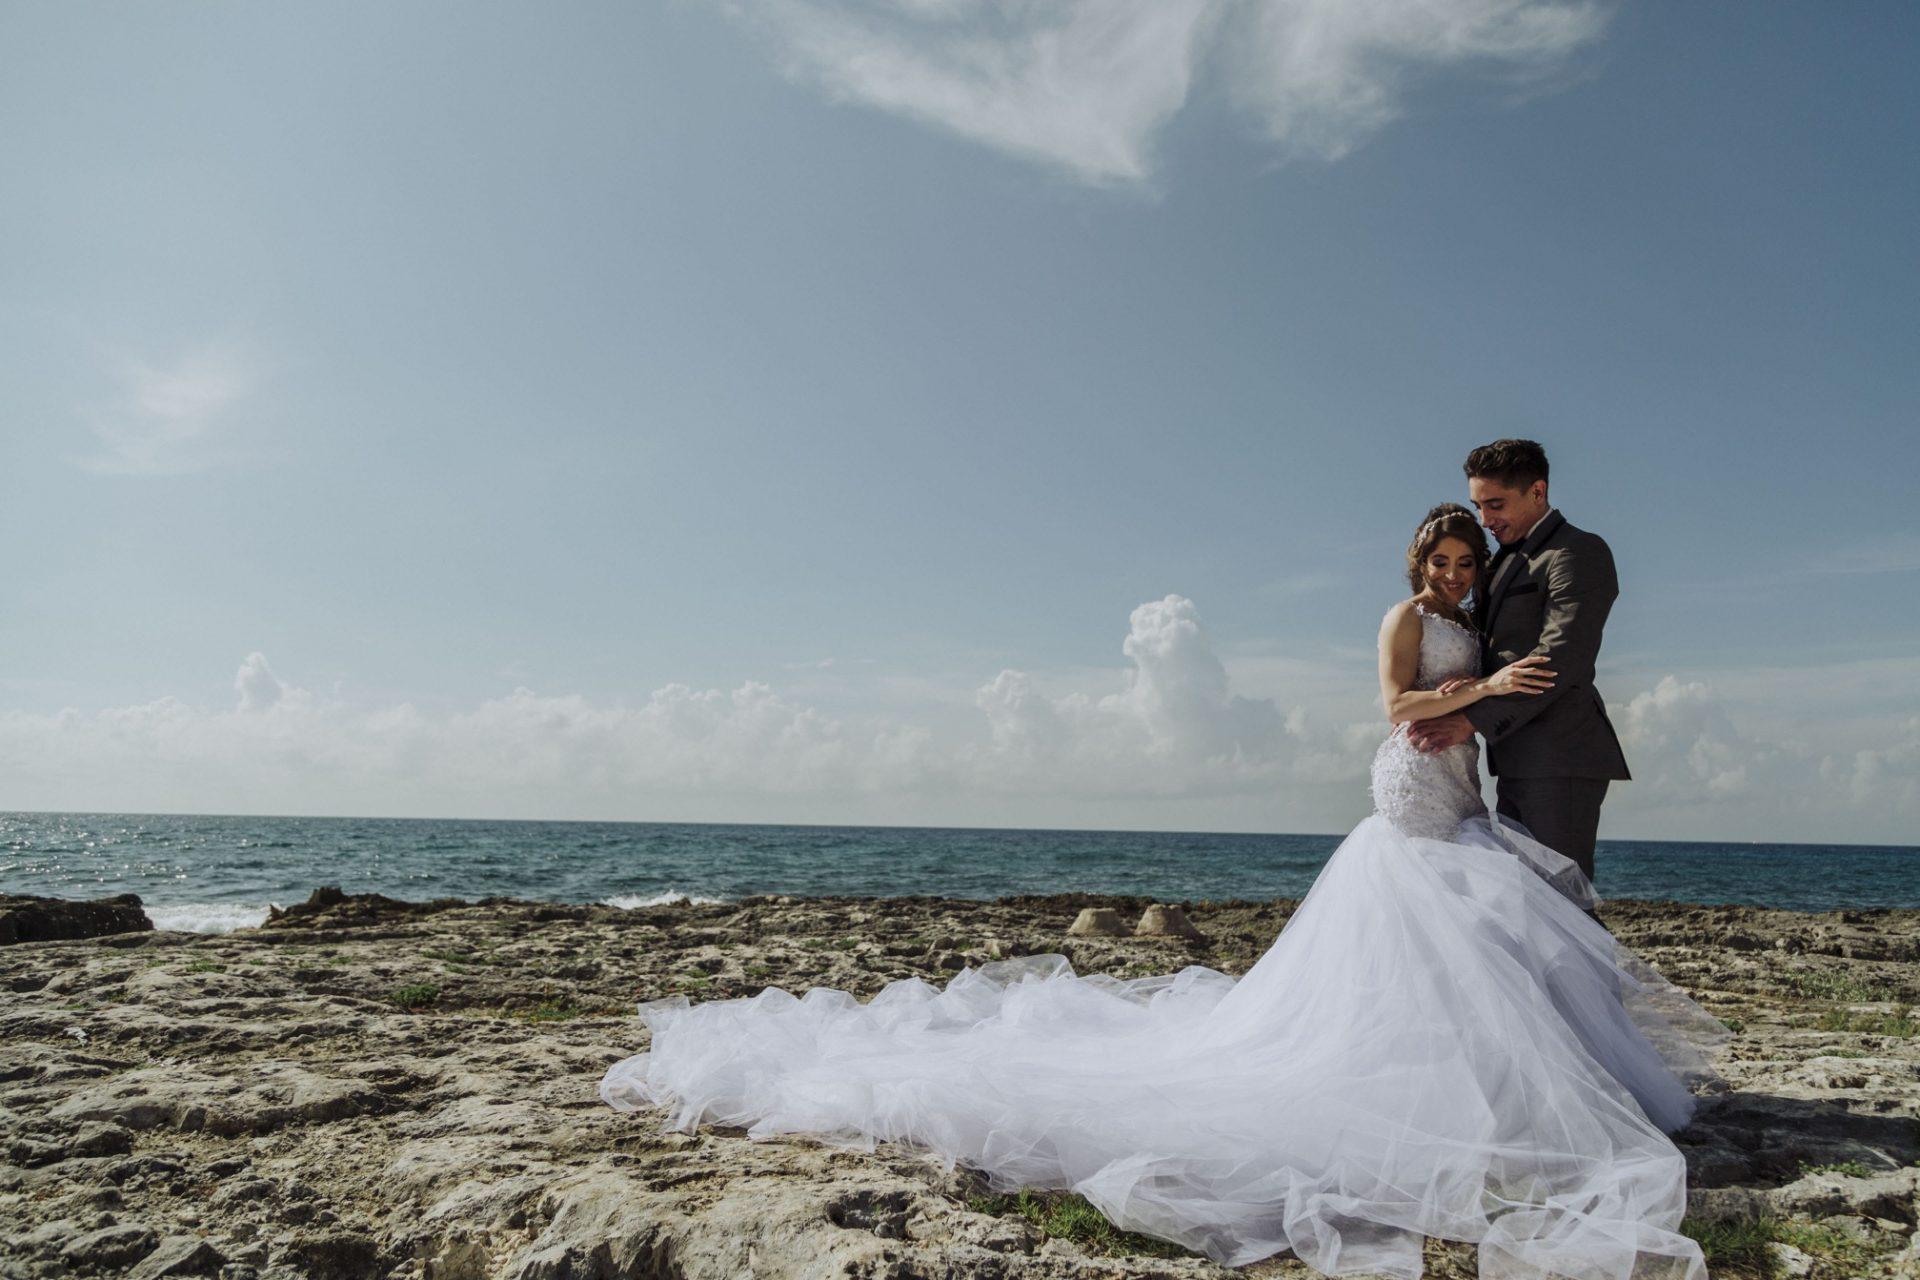 fotografo_bodas_profesional_zacatecas_riviera_maya_cancun-162